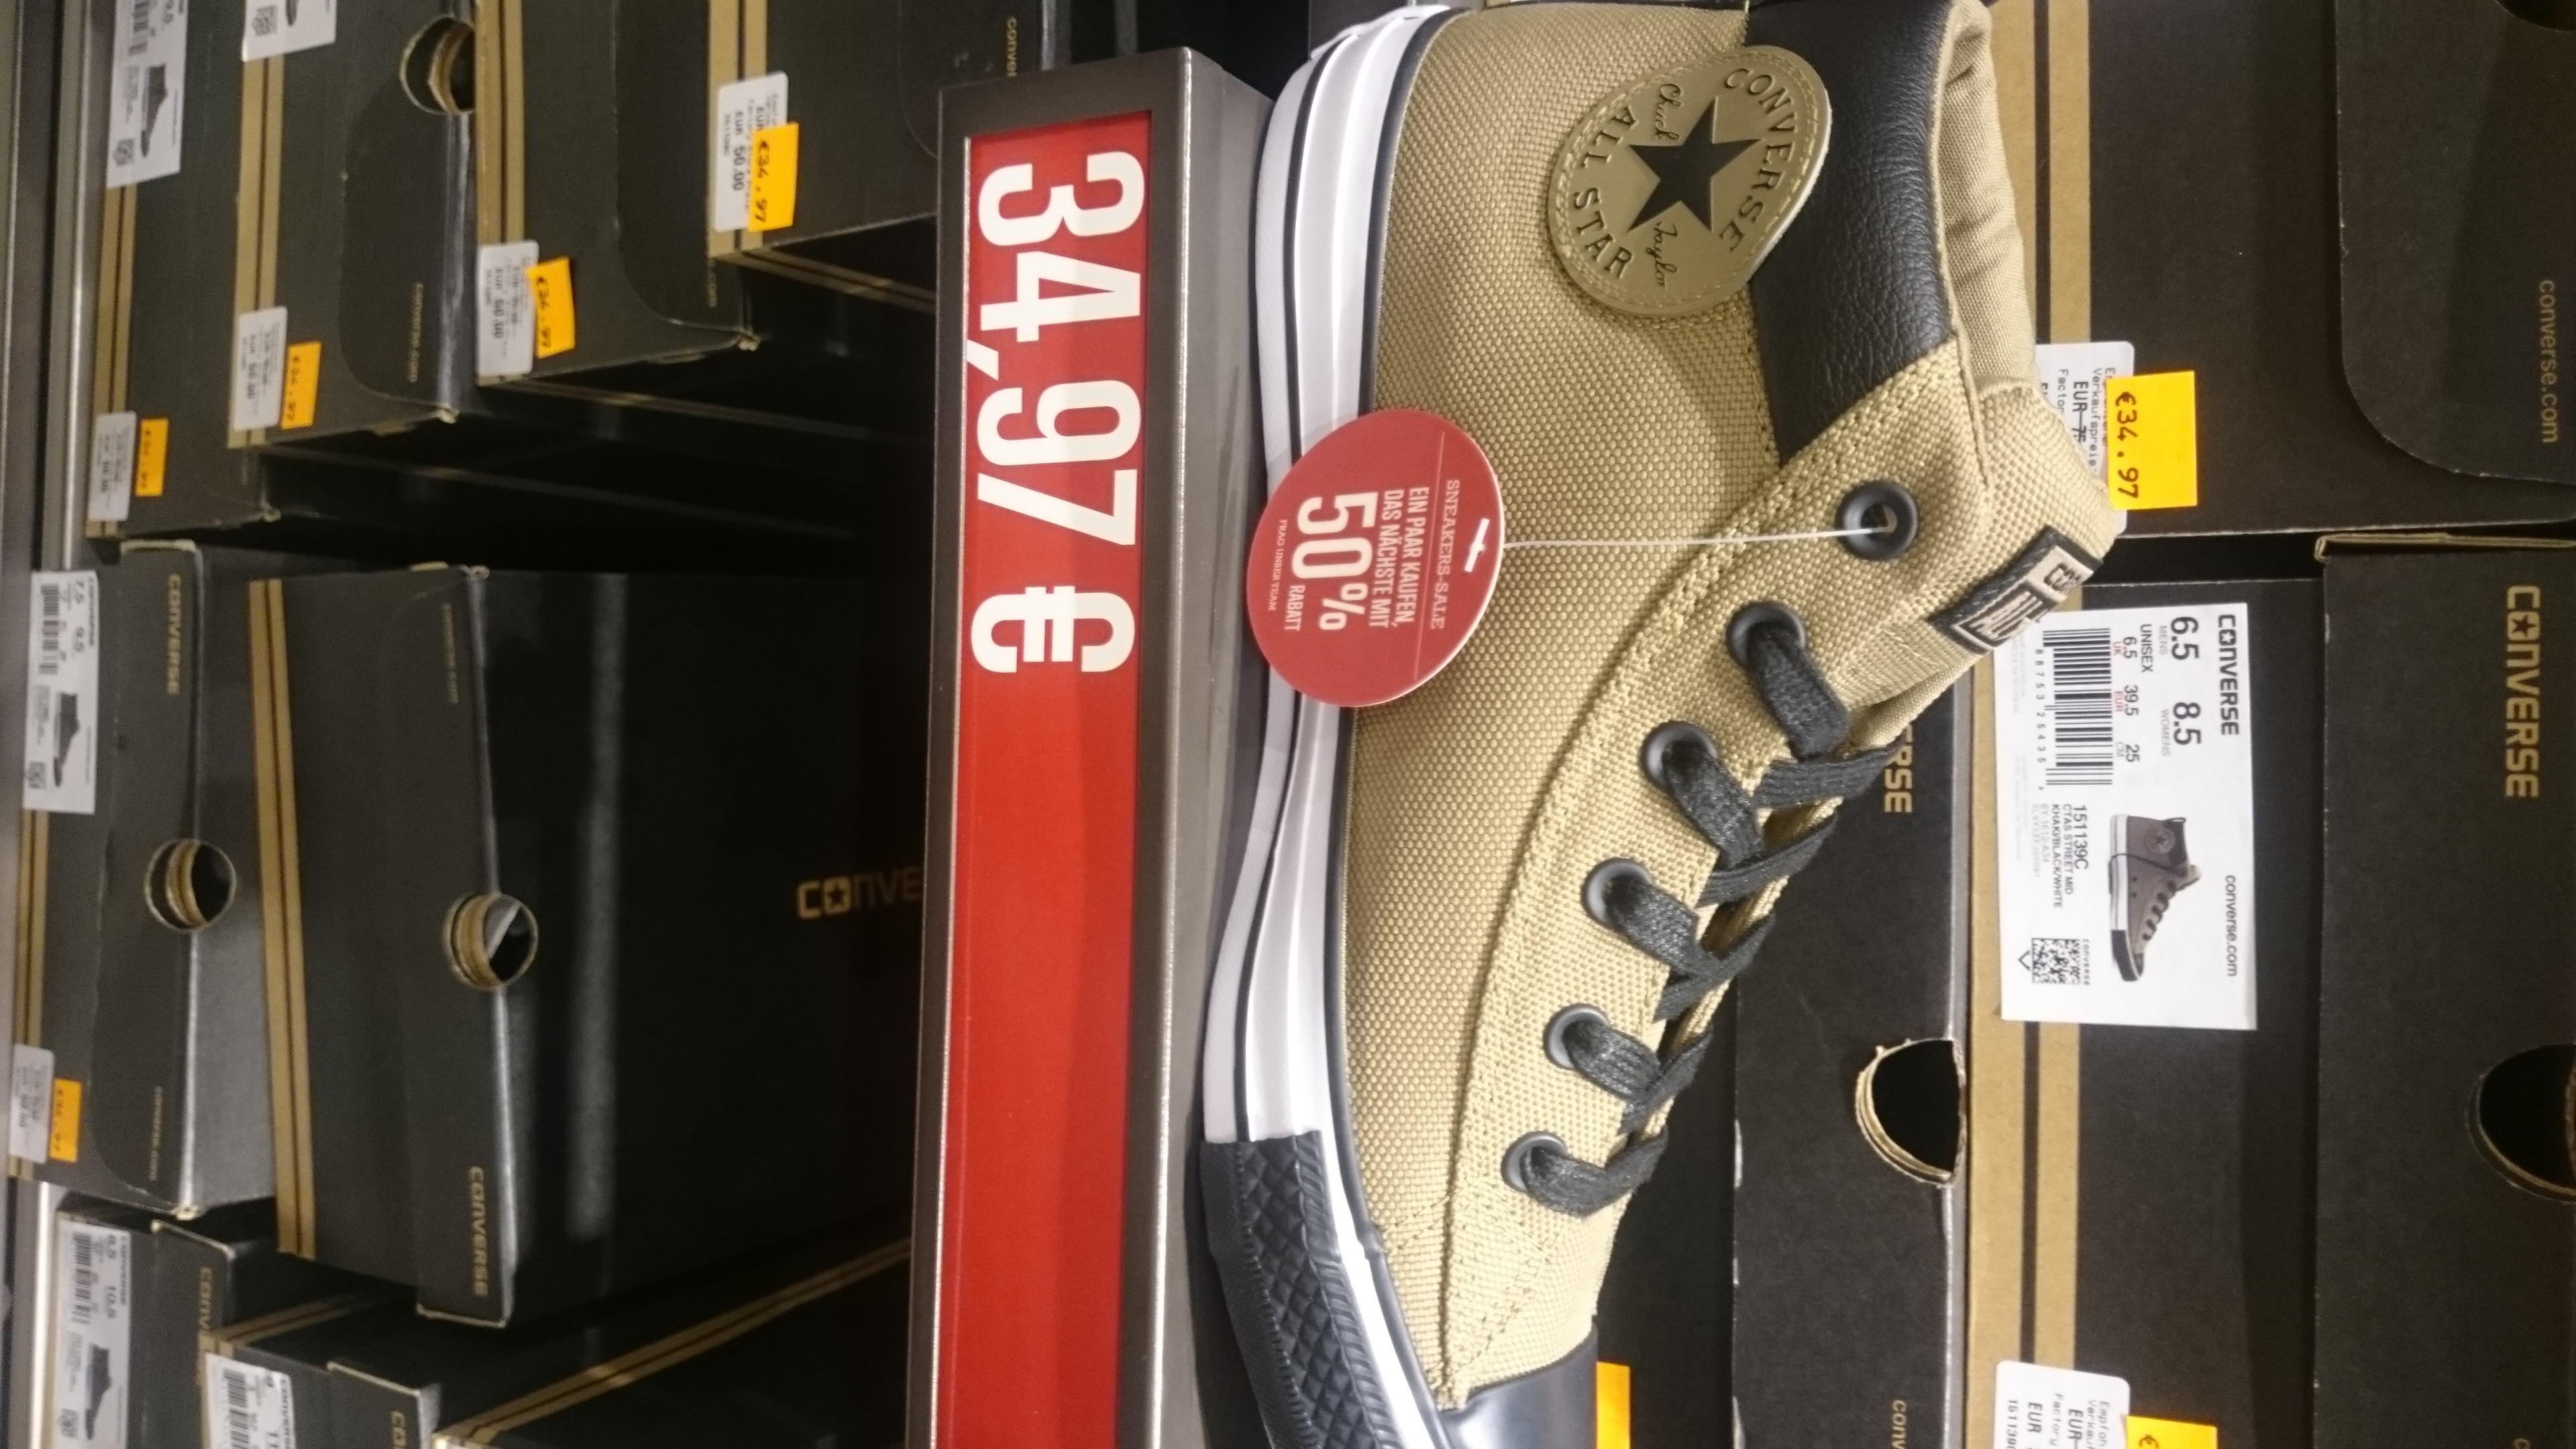 50% für das 2. Paar Schuhe - Converse Shop Outletcity Metzingen + Outlet Zweibrücken